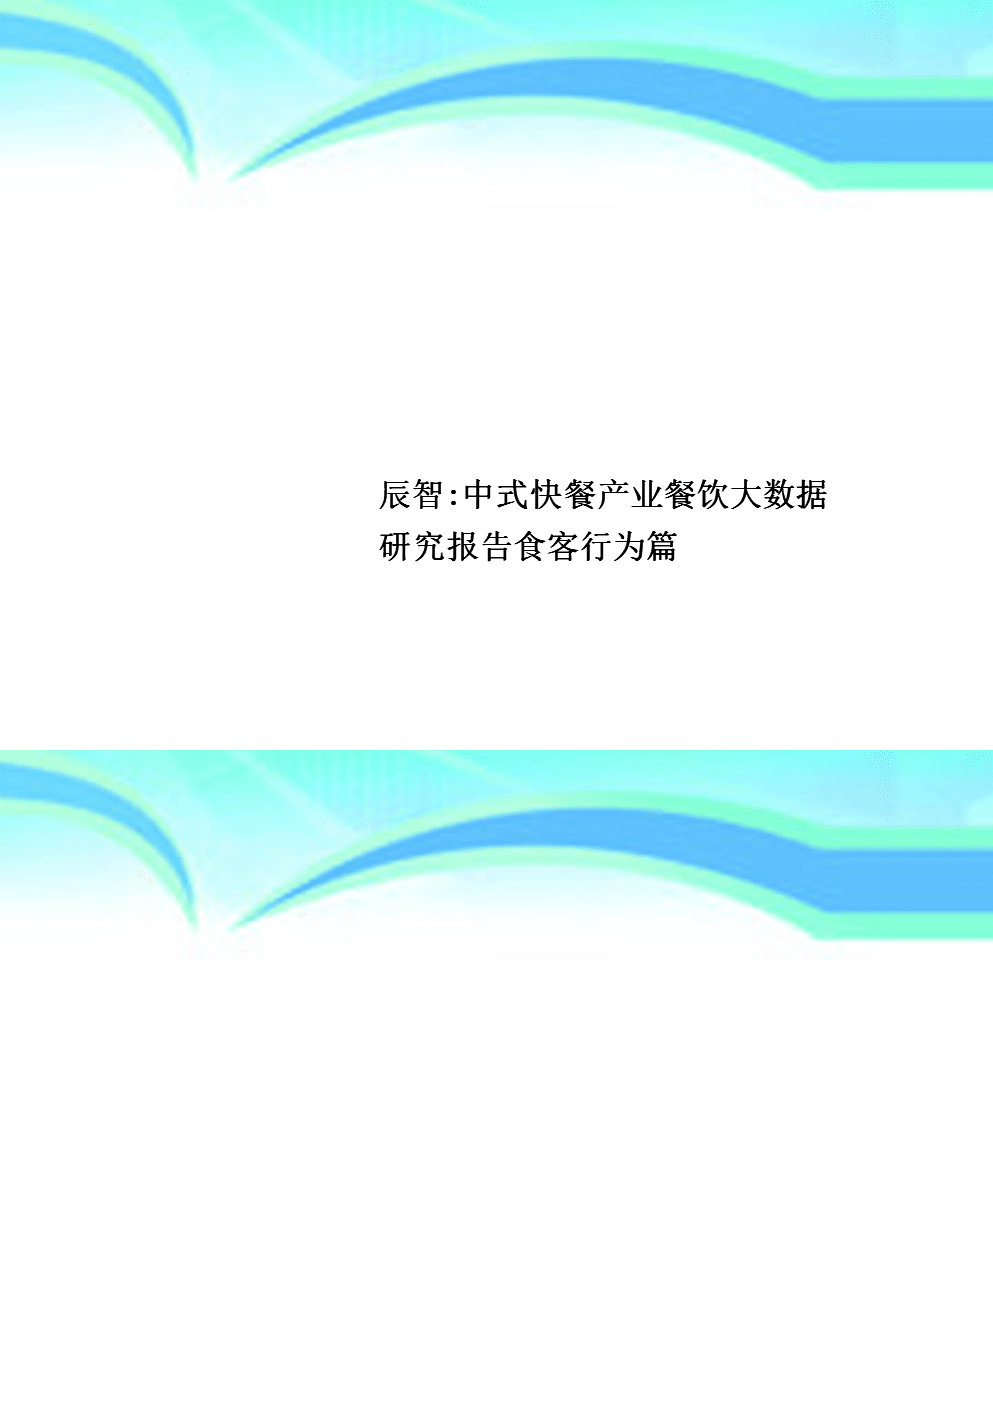 辰智:中式快餐产业餐饮大数据研究报告食客行为篇.docx